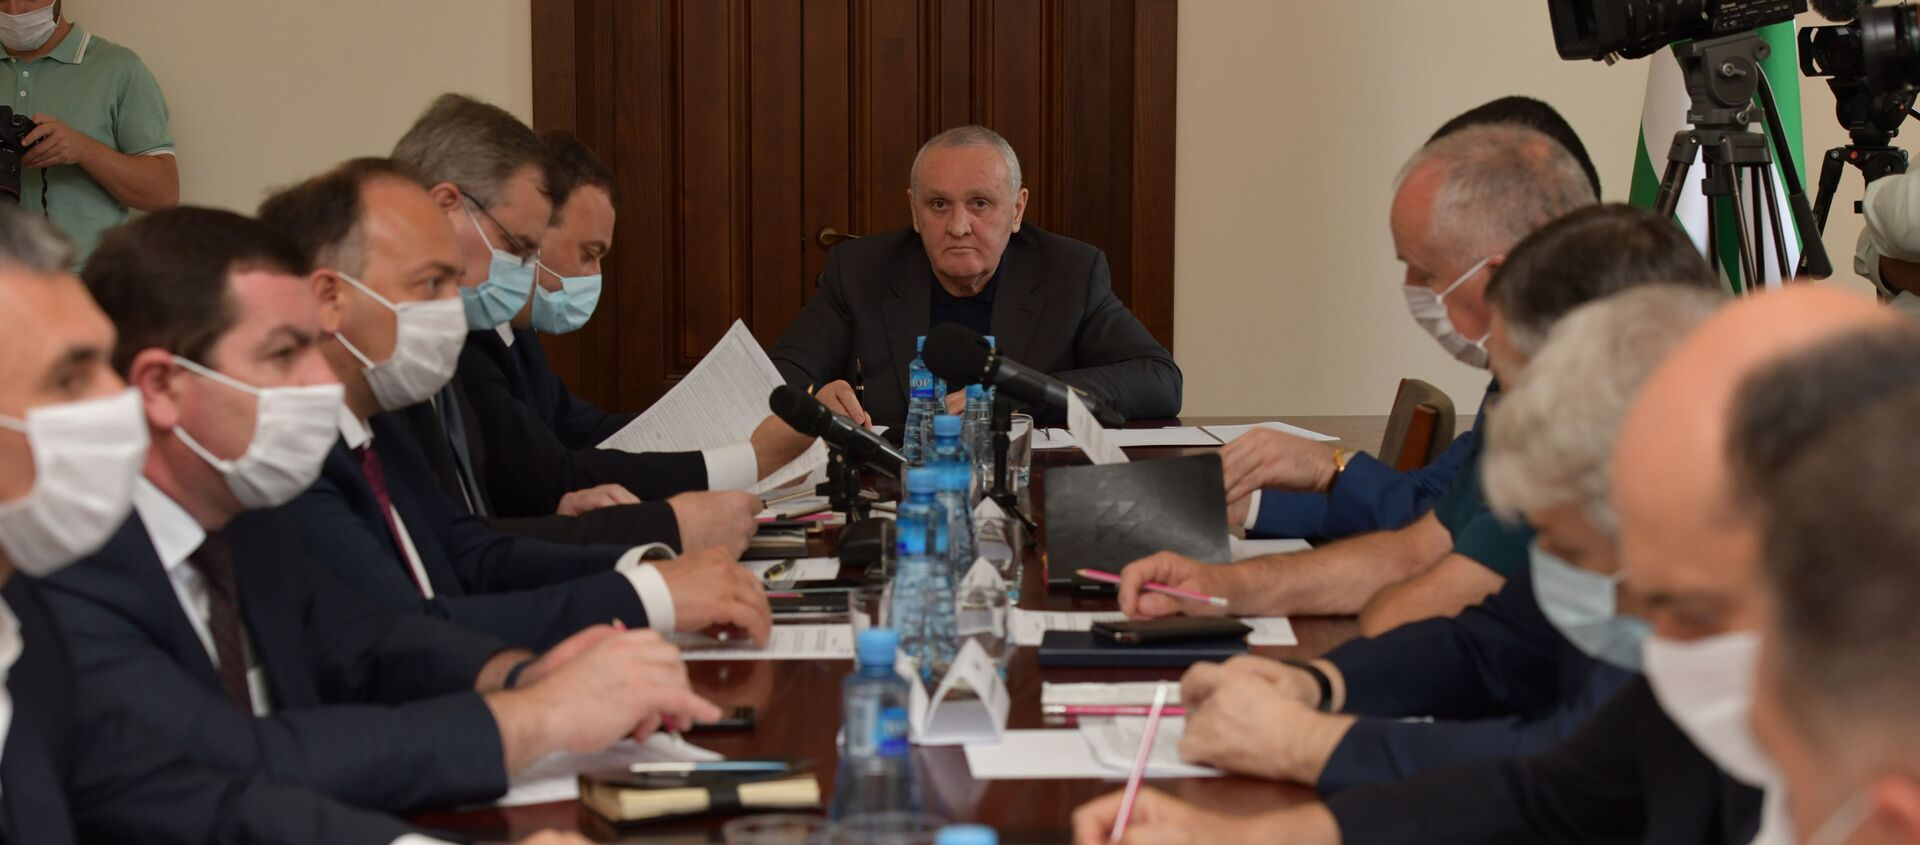 Стабильно сложно: заседание Координационного штаба по борьбе с COVID-19 - Sputnik Абхазия, 1920, 12.08.2021